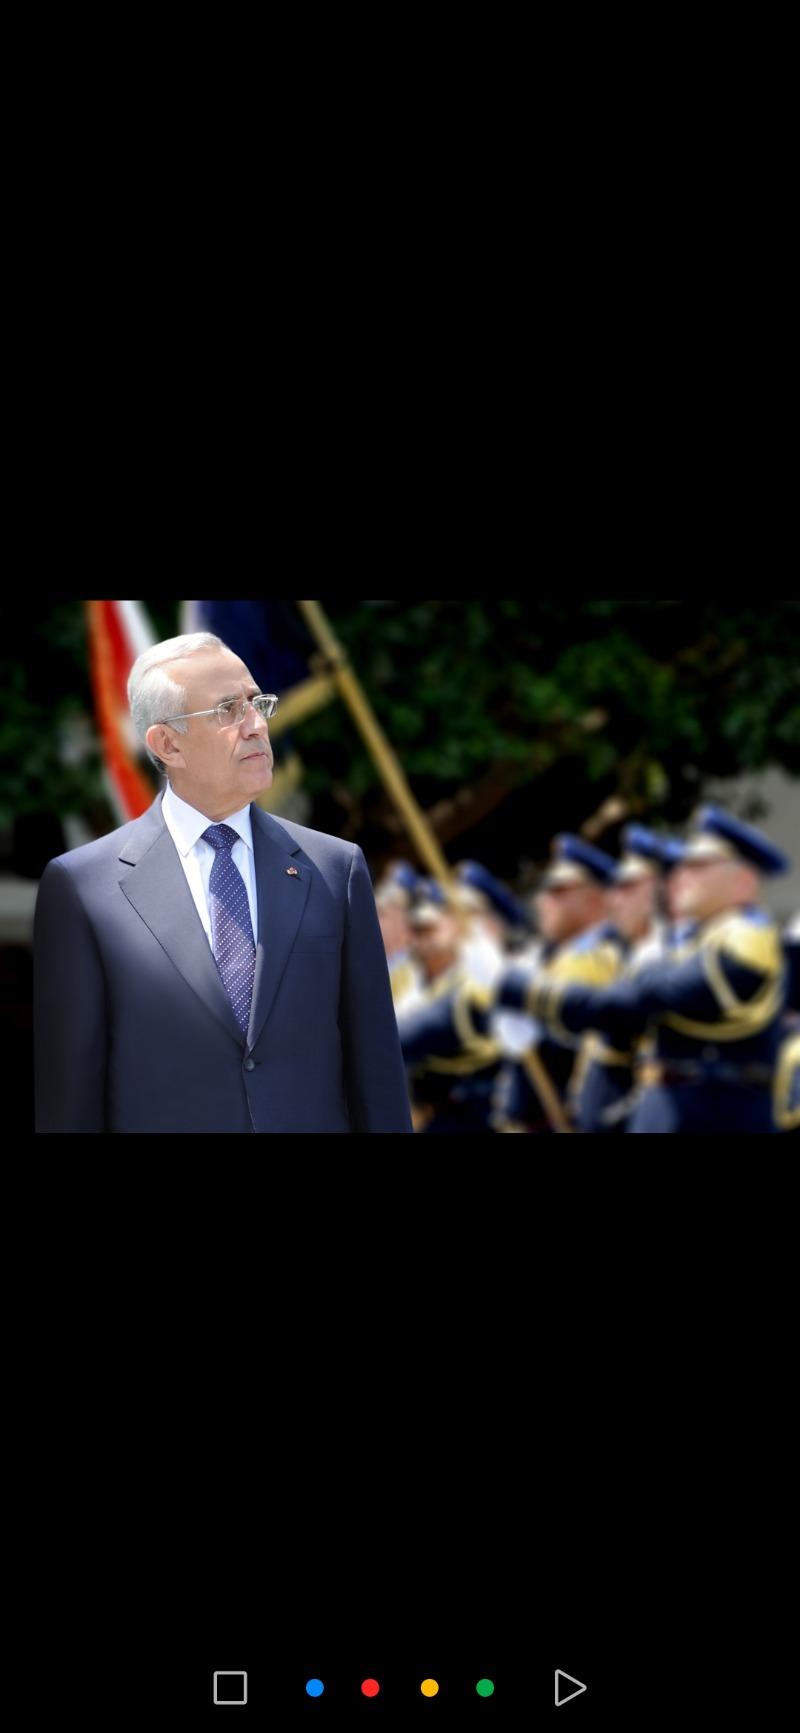 الرئيس سليمان: النفط الإيراني سيؤدي إلى فوضى!